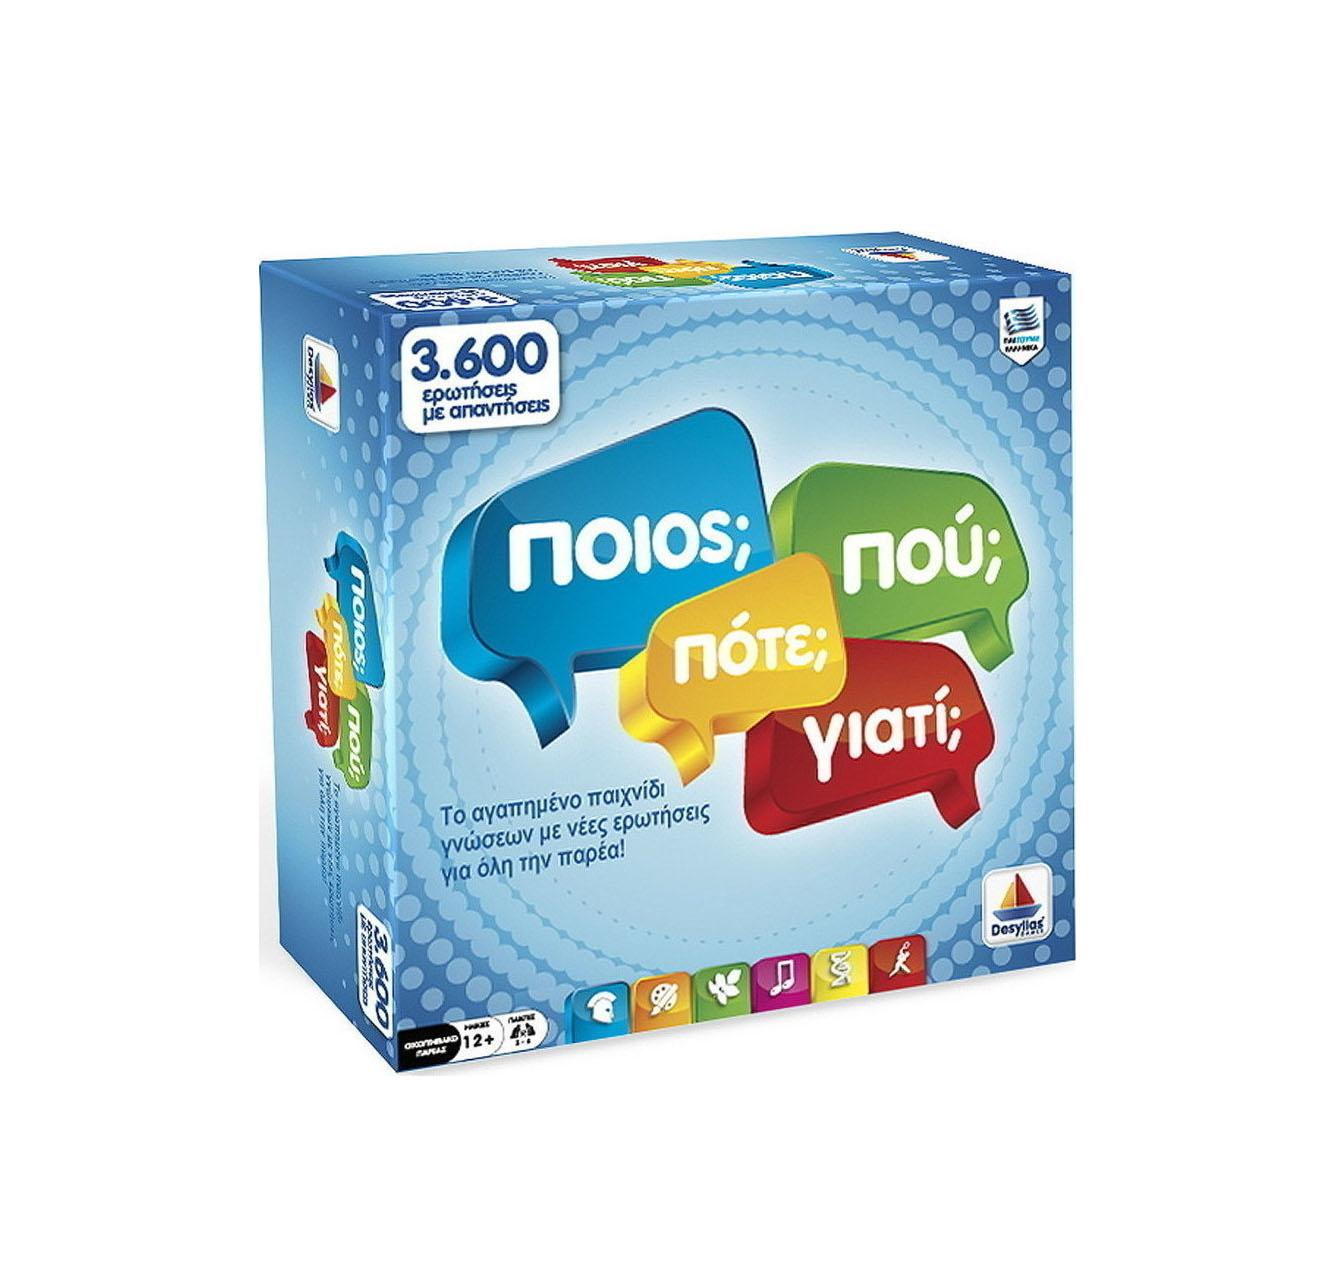 Desyllas Games Ποιος Που Πότε Γιατι για παιδιά - 3600 Ερωτήσεις  100786